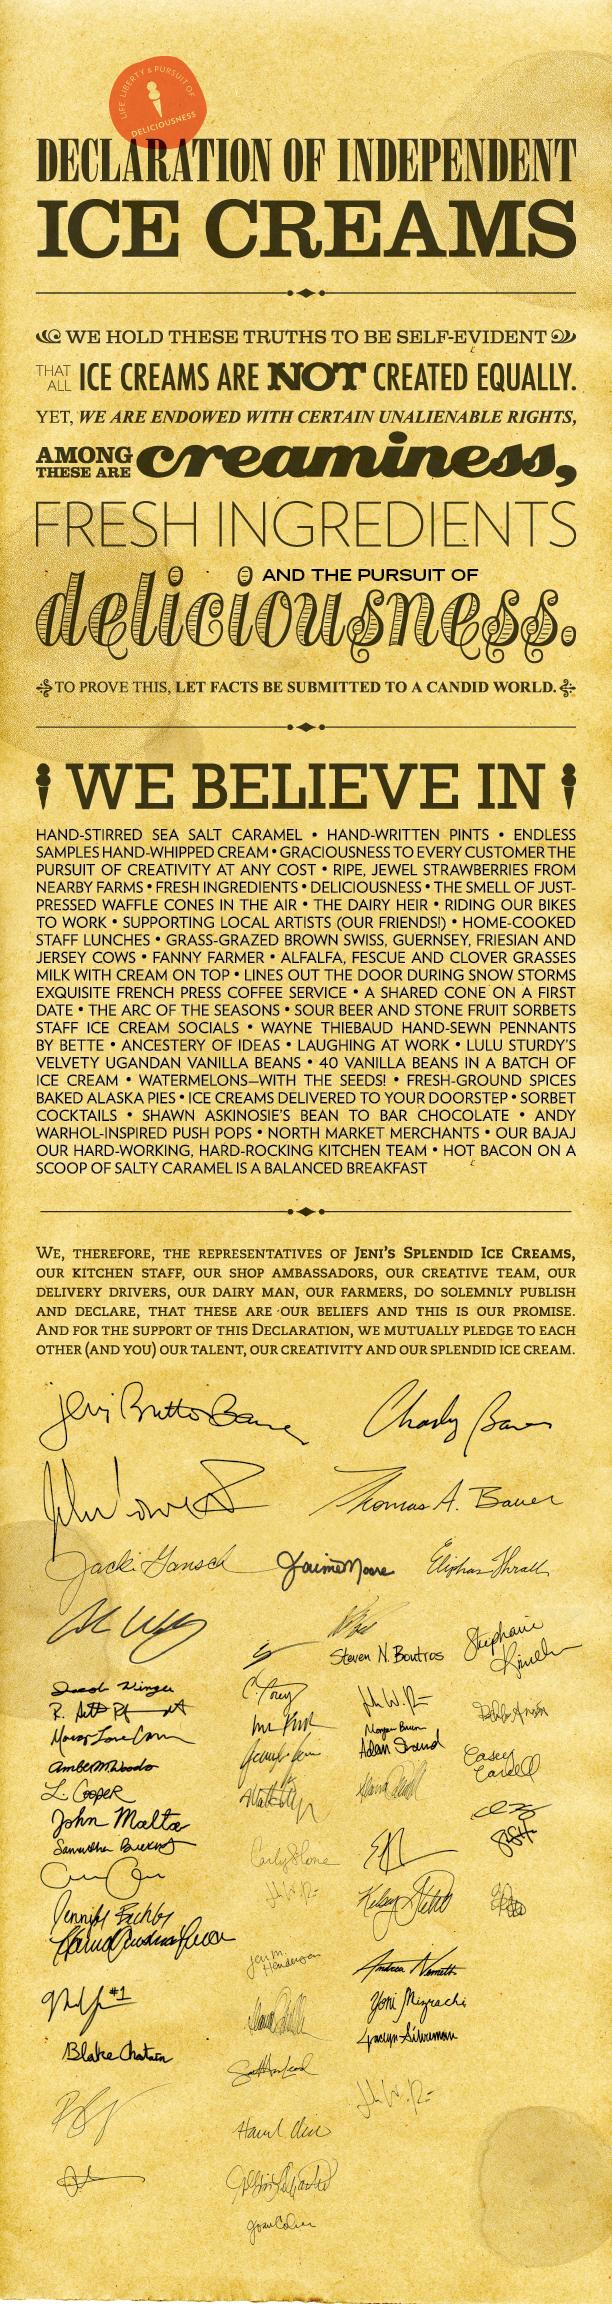 DeclarationofIndependentIC